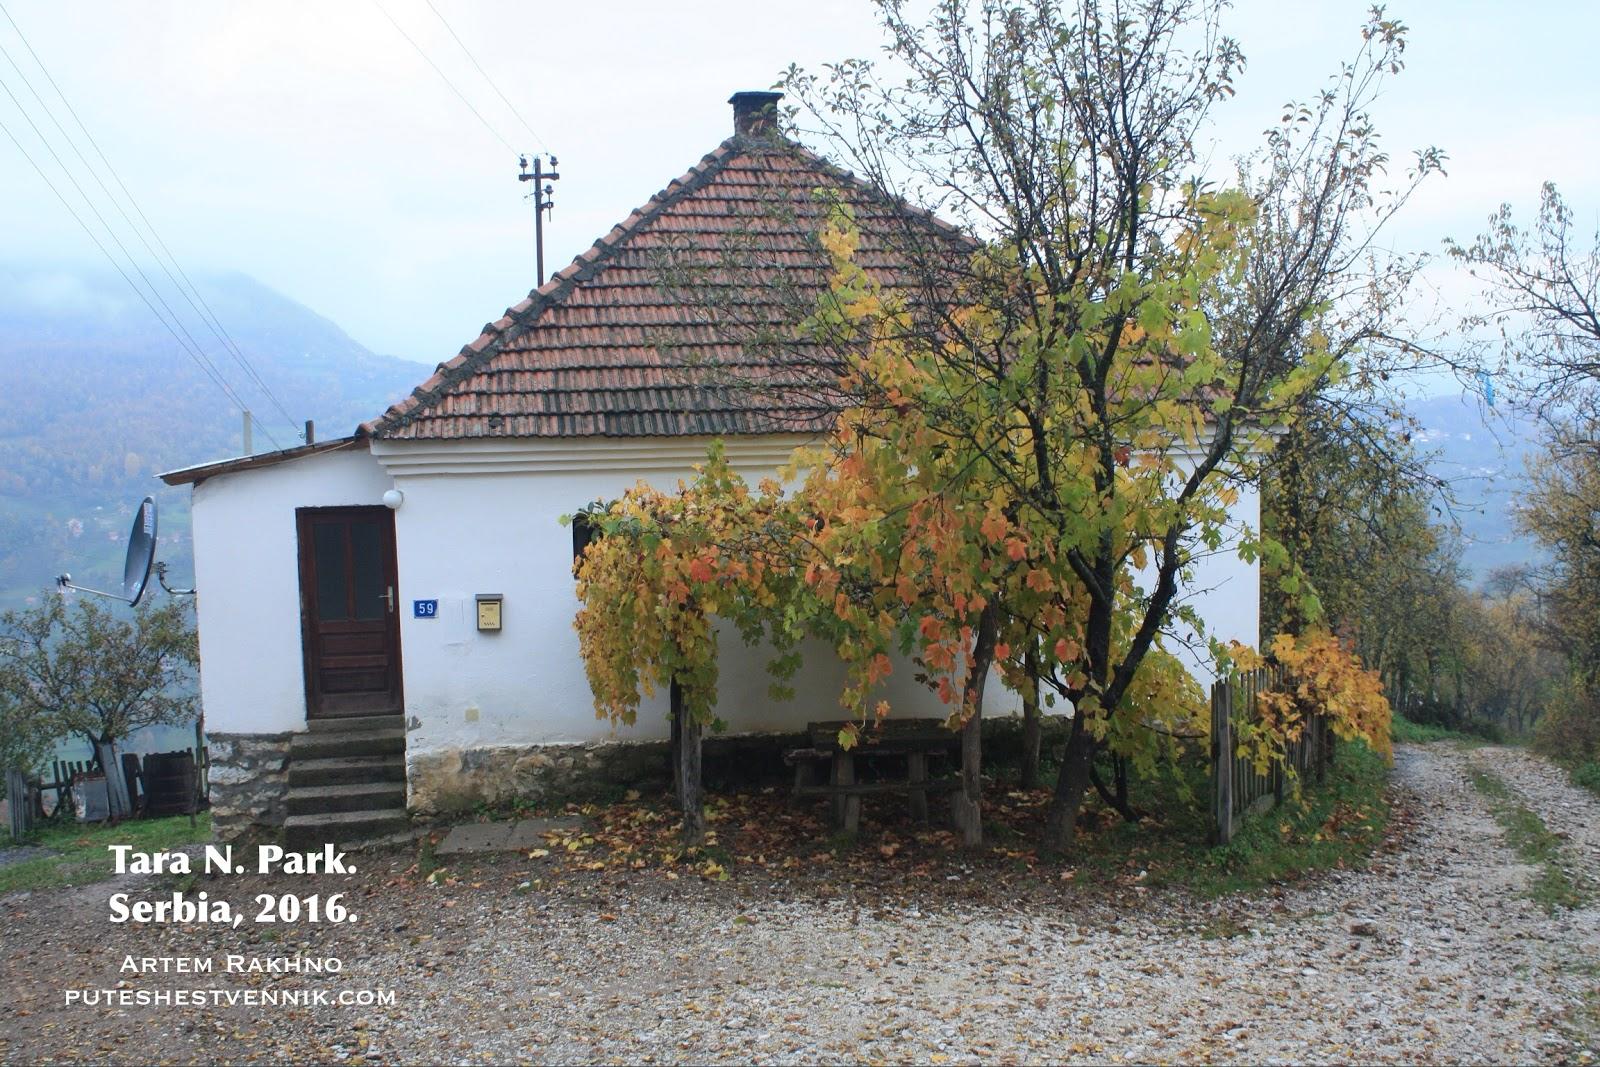 Деревенский дом и осеннее дерево